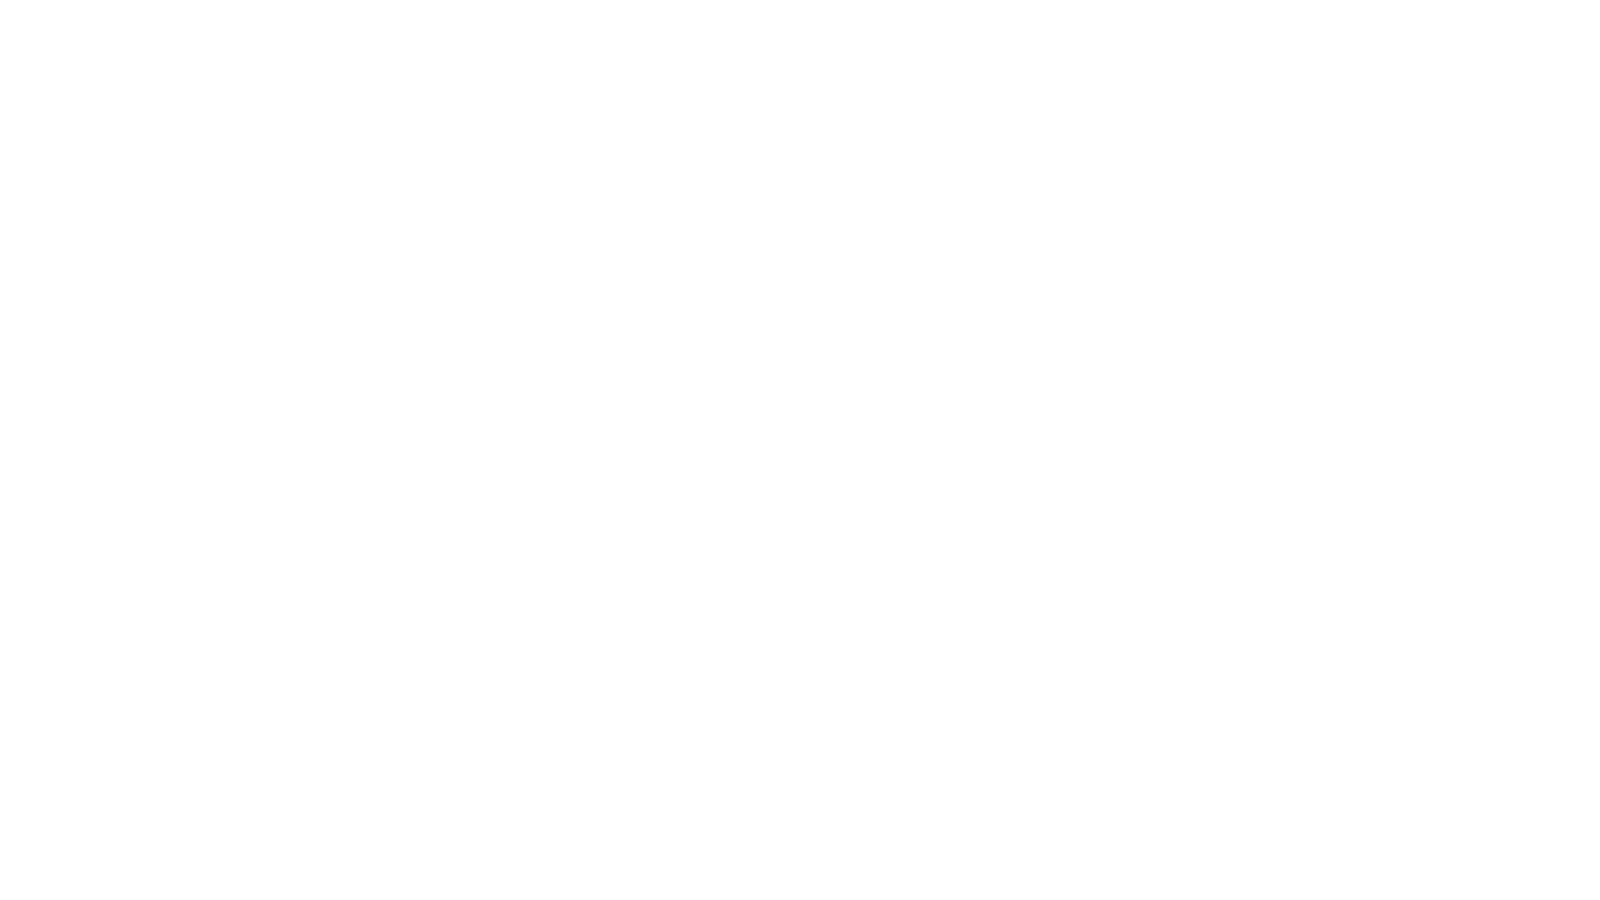 """Link utili al video:  Per le casette o i recinti: https://www.ilverdemondo.it  Per scambio o acquisto di galline, galli, uova o pulcini: https://animalissimo.it  Per informazioni o curiosità sulle galline: https://www.tuttosullegalline.it  Blog interessanti sulla cura e gestione delle galline o altri volatili da cortile: https://www.fresheggsdaily.blog   Ricordatevi di mettere un """"Mi piace"""" al video e di iscrivervi al canale se non l'avete ancora fatto 🙂  Per iscriverti alla mia Newsletter: http://bit.ly/bluebirdletter  Guarda il mio ultimo Reel:    3 parmigiane di fine inverno: https://www.instagram.com/p/CLwNuTyqamS/?utm_source=ig_web_copy_link  Leggi i miei ultimi post:  Tuberi e radici al forno con miele e senape: https://bluebirdk.com/3qVpCzh   Mi trovate anche su:  Blog: http://www.thebluebirdkitchen.com  Instagram: https://instagram.com/thebluebirdkitchen  Facebook: https://www.facebook.com/TheBluebirdKitchen  Twitter: https://twitter.com/TheBluebirdK  Steller: https://steller.co/thebluebirdk"""